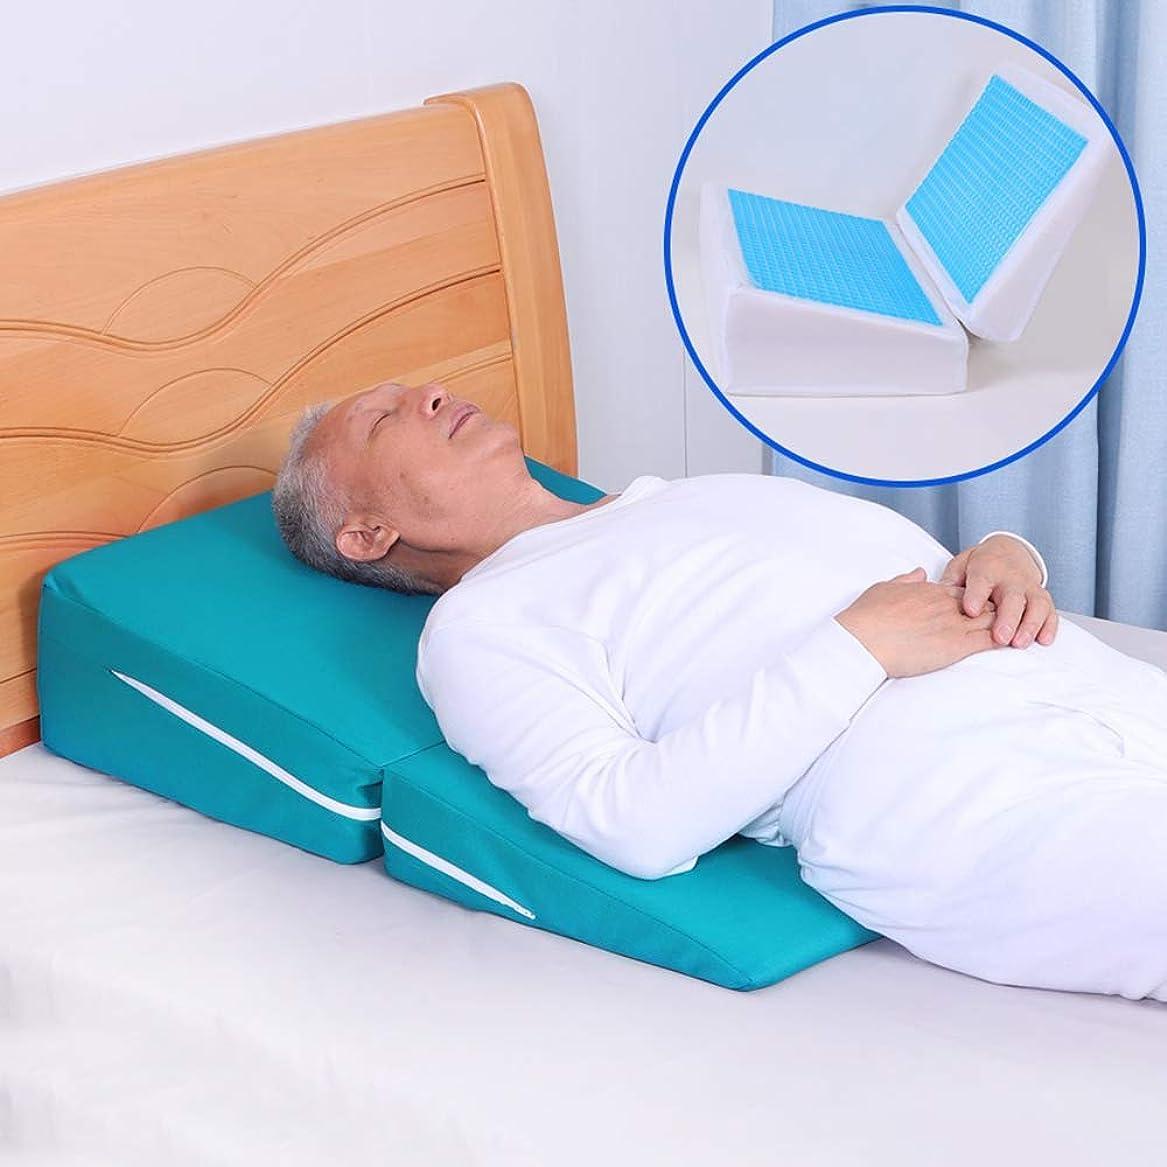 集めるしてはいけないインデックスいびき防止、ハートバーン、読書、腰痛、腰痛のための折りたたみ式メモリフォームベッドウェッジピロー-取り外し可能なカバー付きインクラインクッション